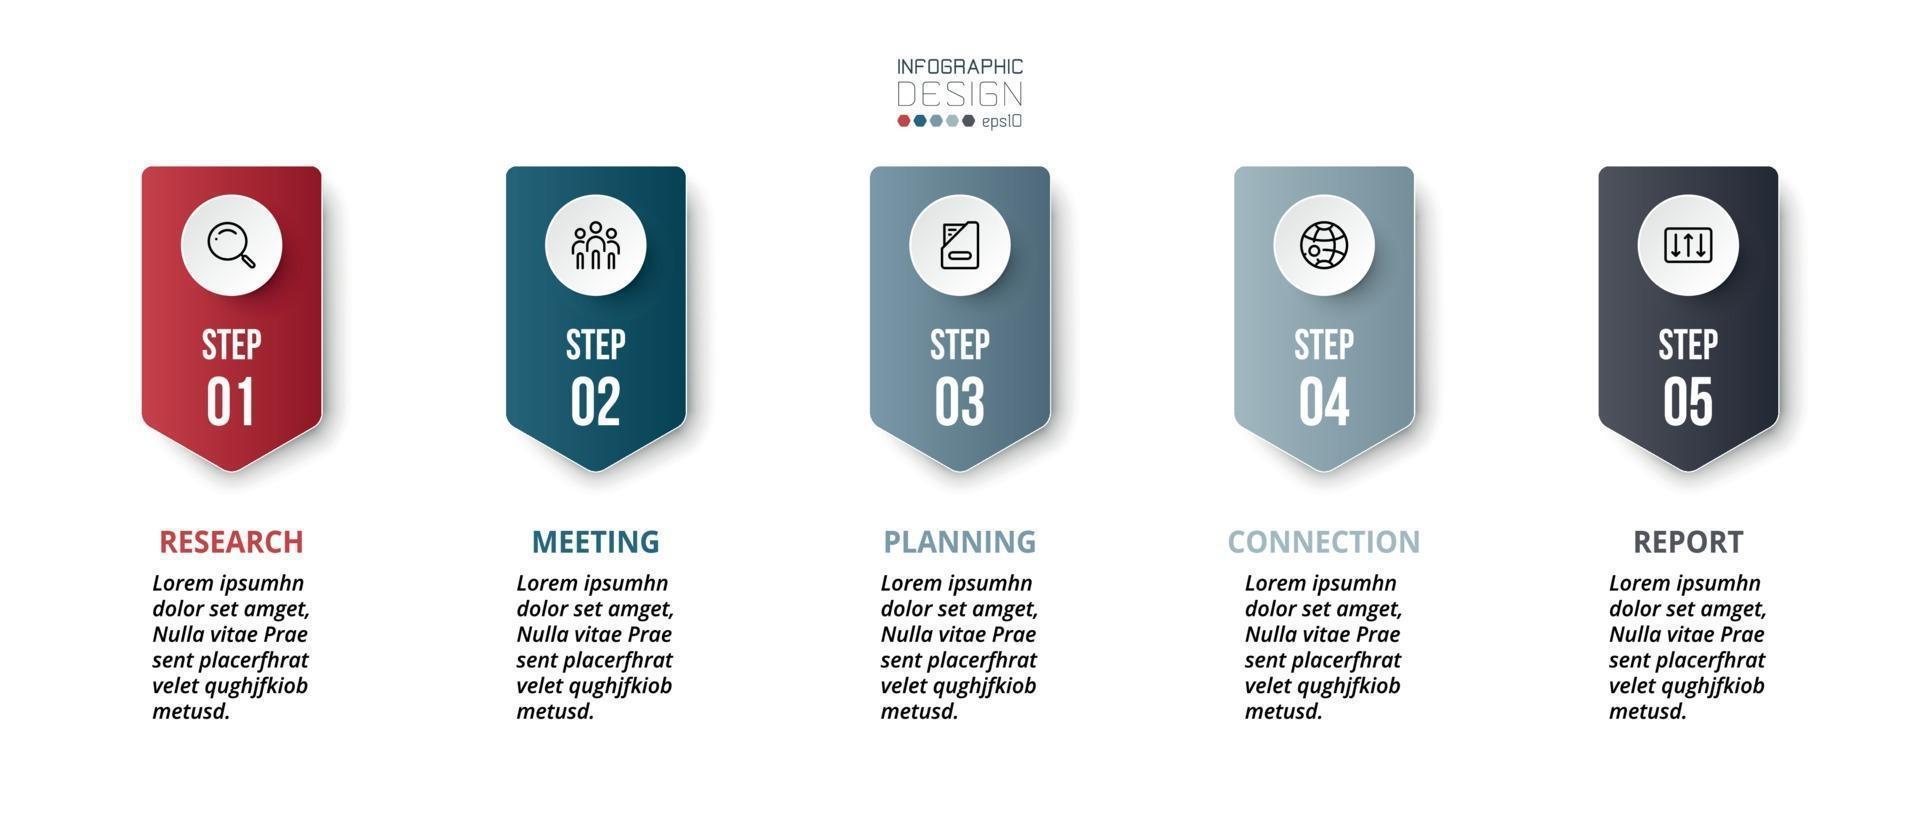 pianificazione attraverso 6 flussi di lavoro. porta nuove idee su aziende o enti. vettore